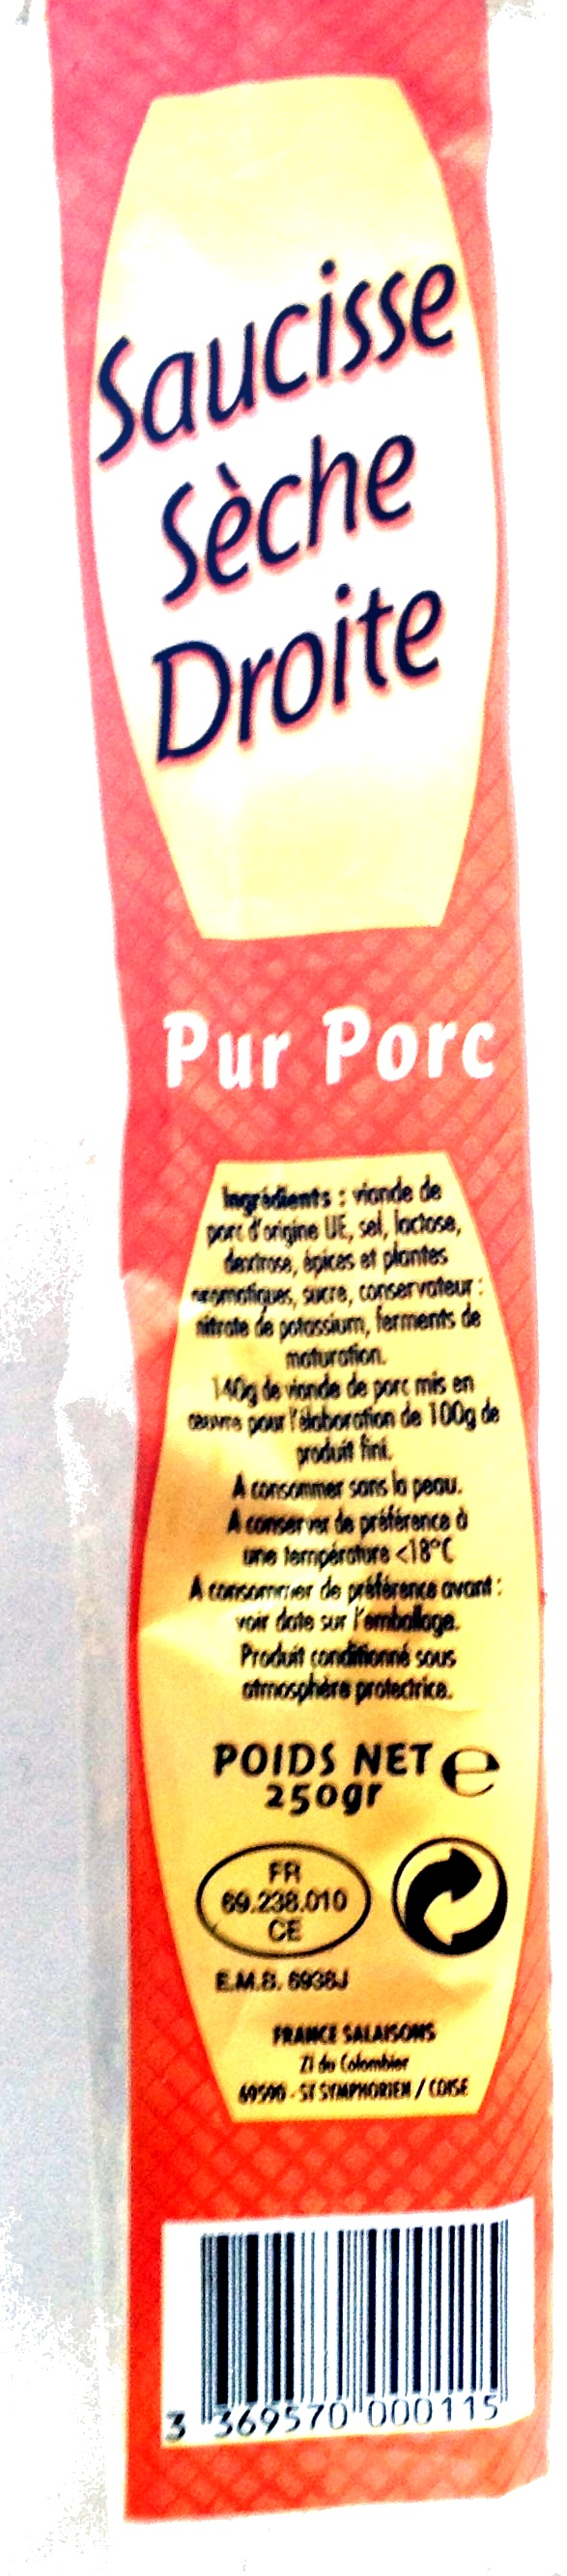 Saucisse sèche droite - Product - fr